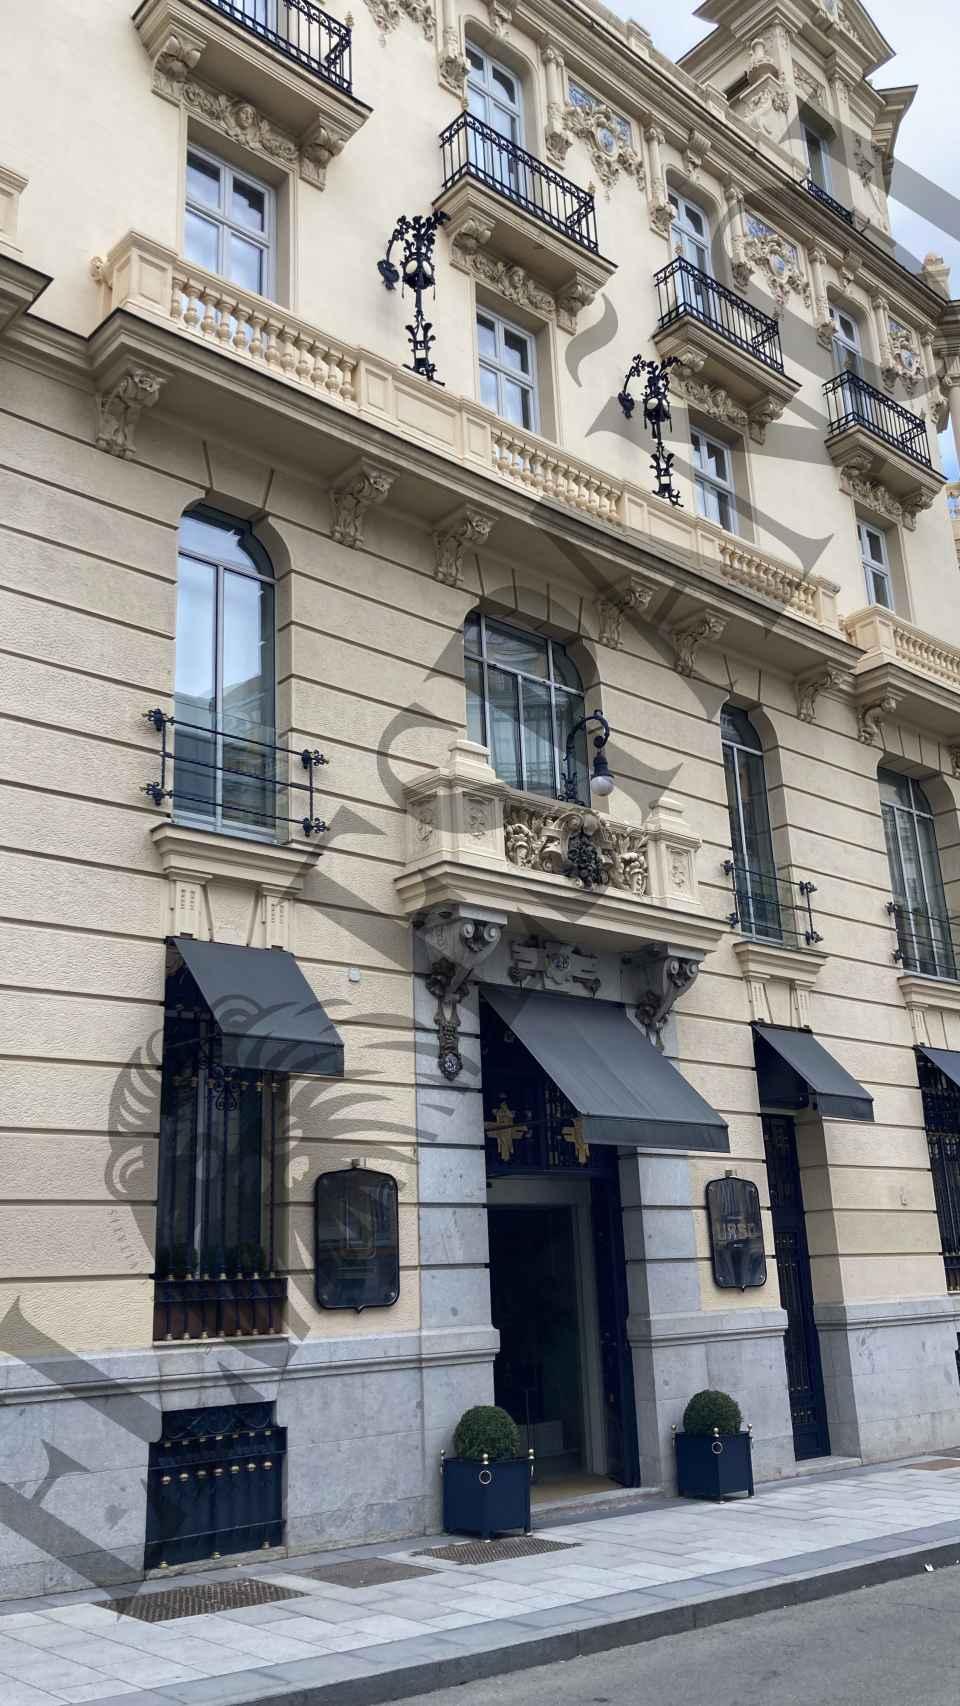 La puerta del hotel en el centro de Madrid donde pernoctaron Alba y Santi.